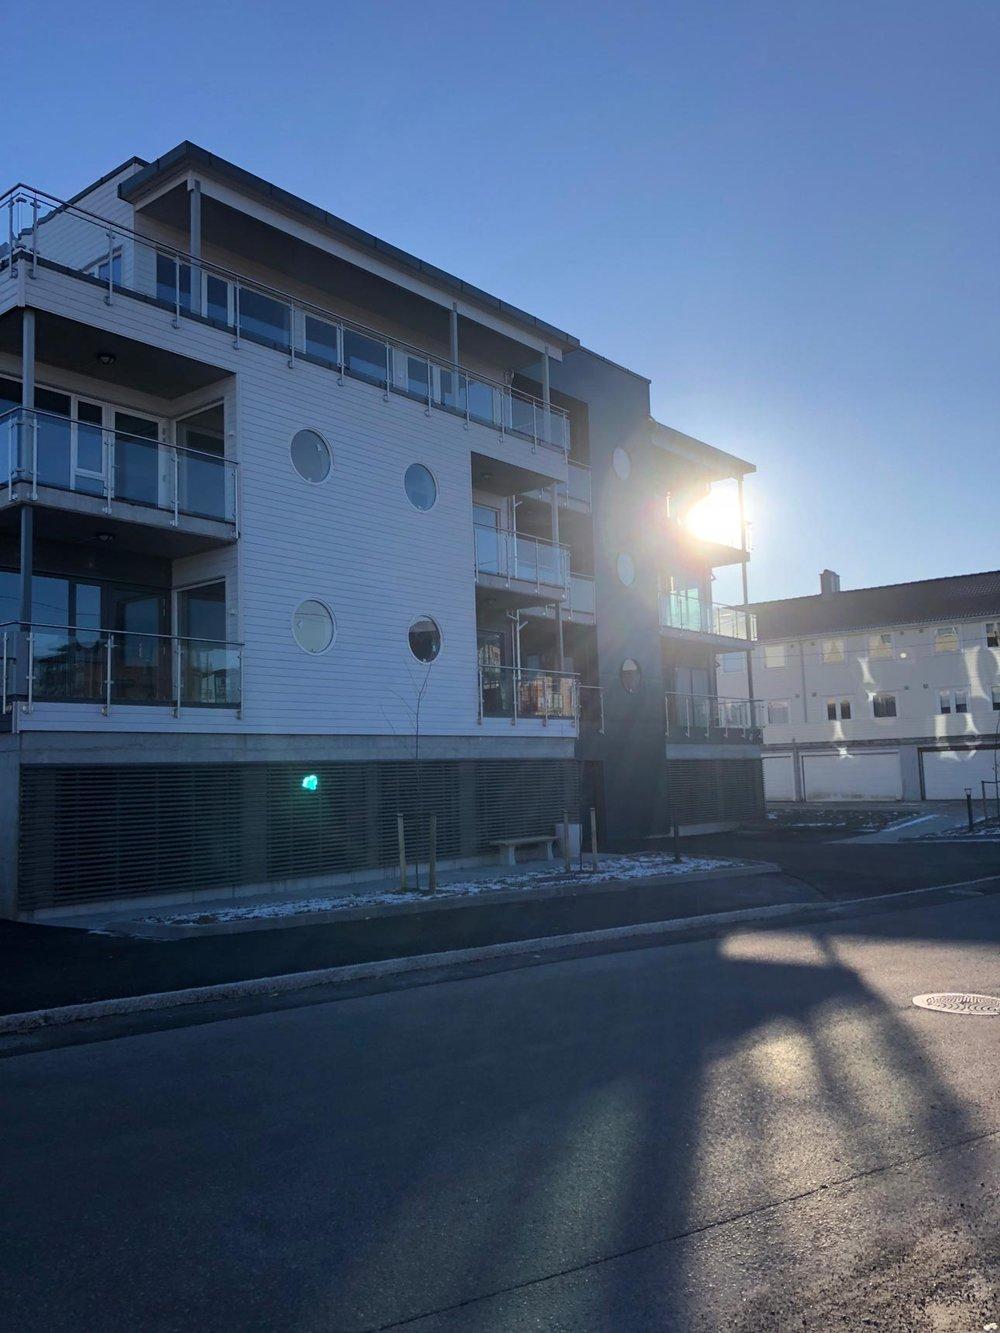 arkitekt_kolstø_hasseløy_6_leilighetsbygg.jpg